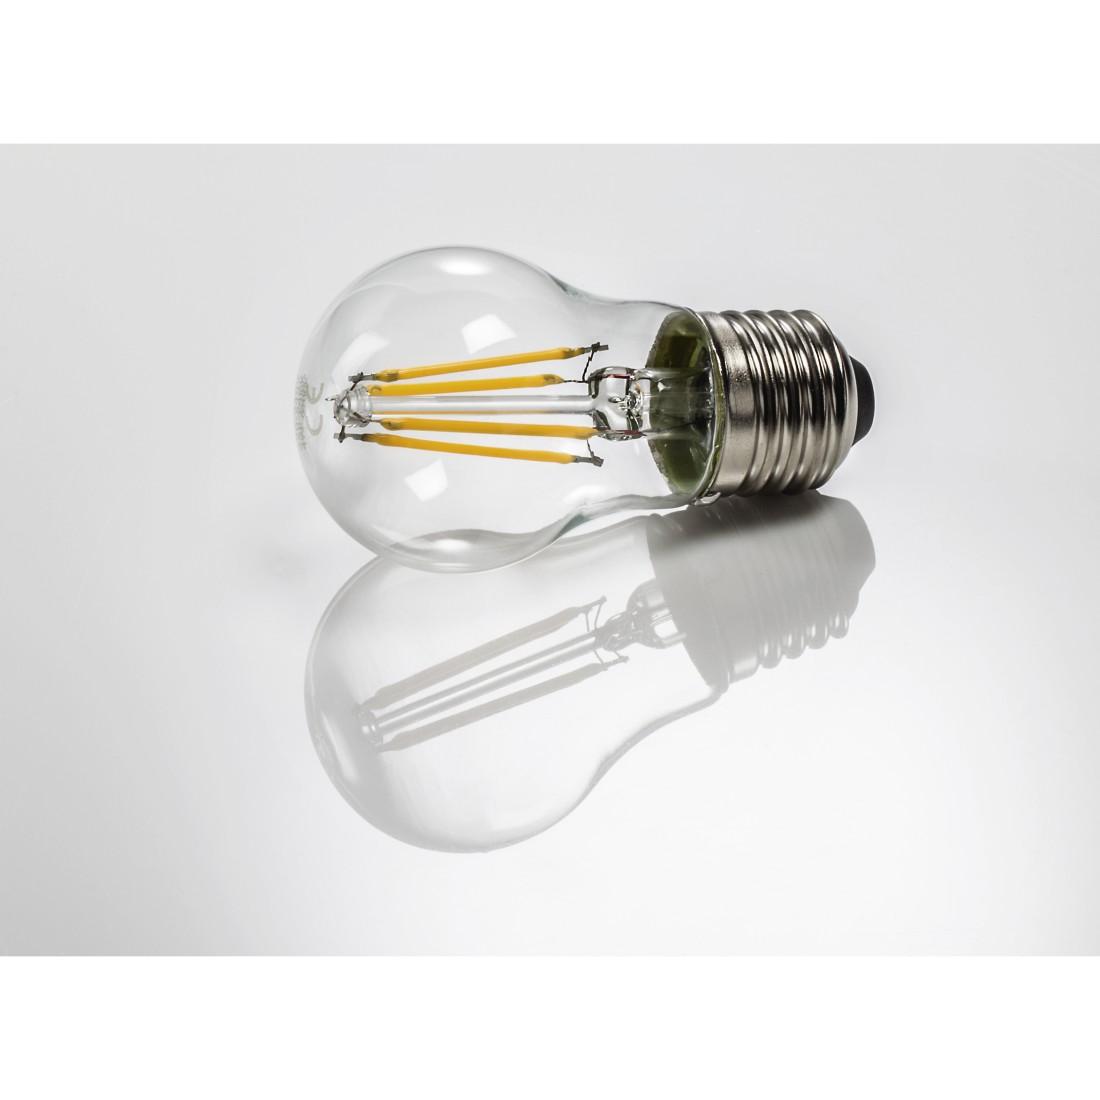 00112267 xavax ampoule led 4w en forme de goutte filament e27 blanc chaud. Black Bedroom Furniture Sets. Home Design Ideas